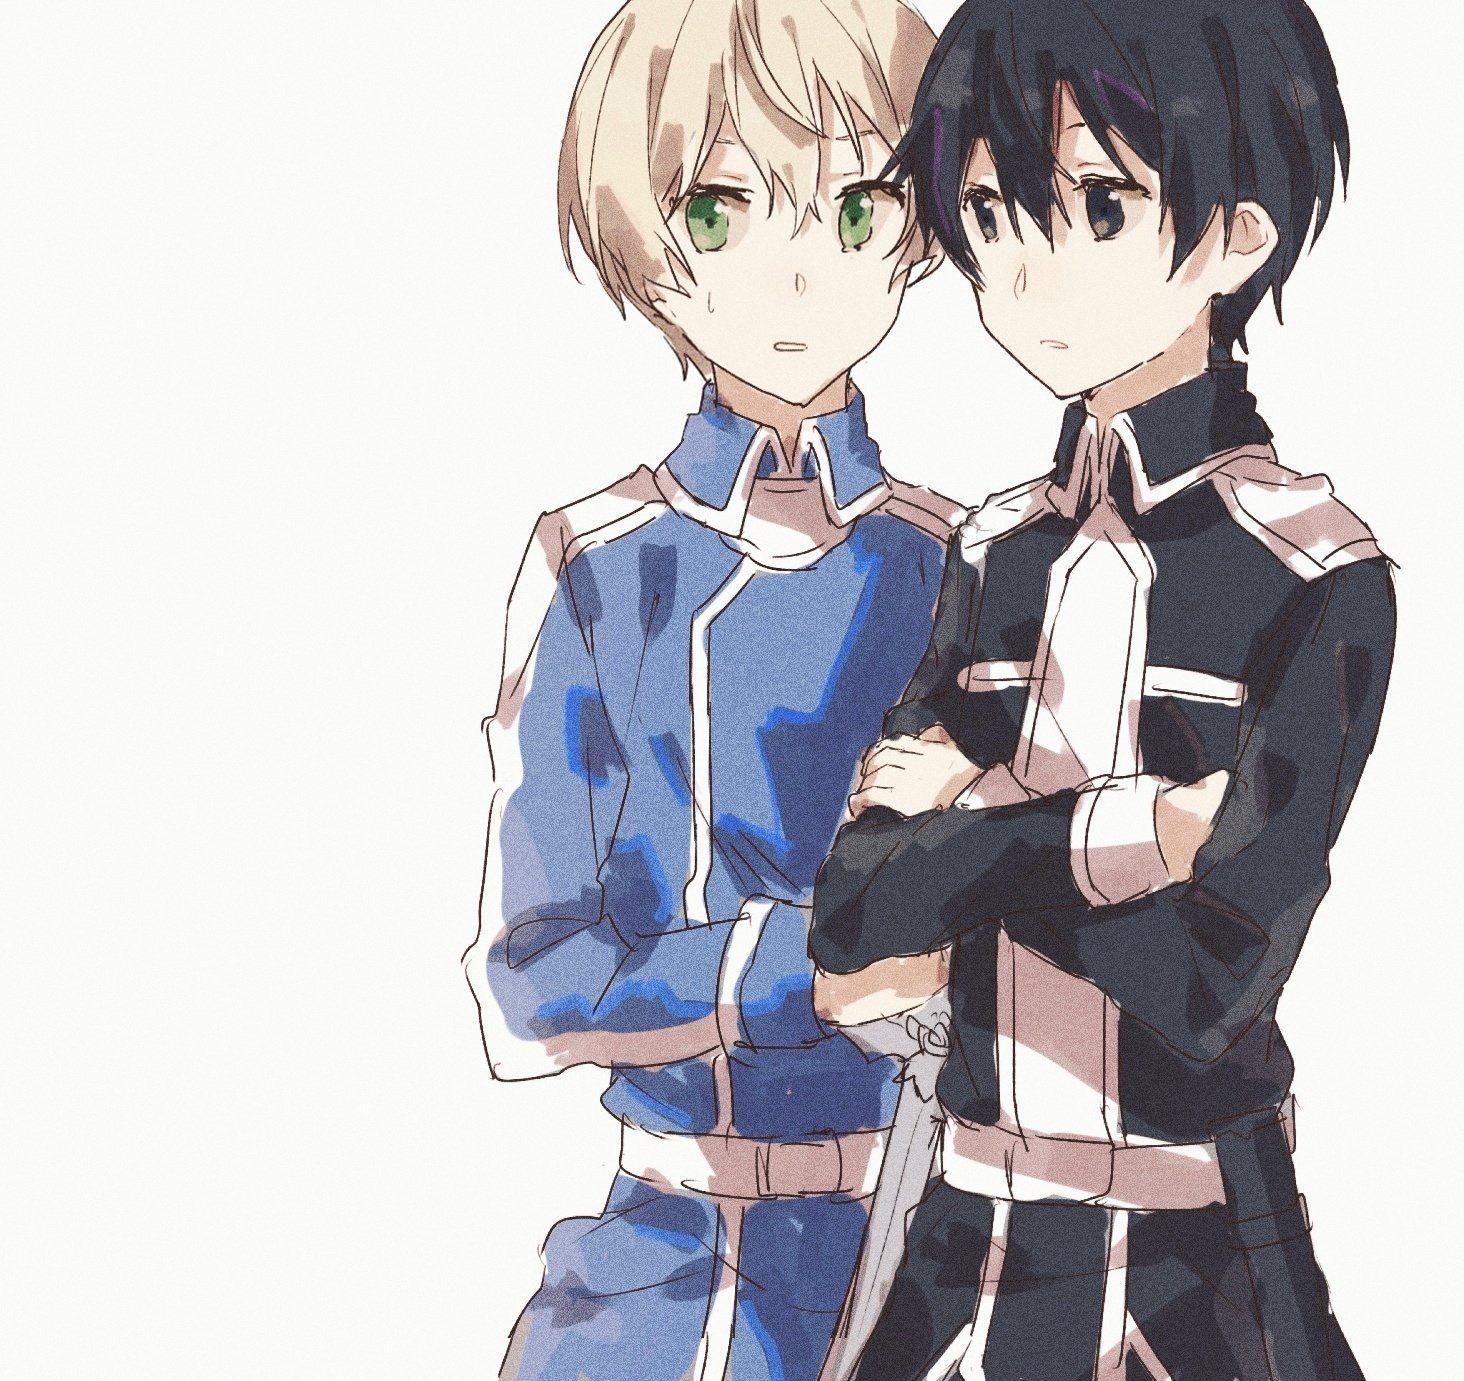 Pin De Shinykly Em Kirito And Eugeo Anime Eugeo Sword Art Online Desenho